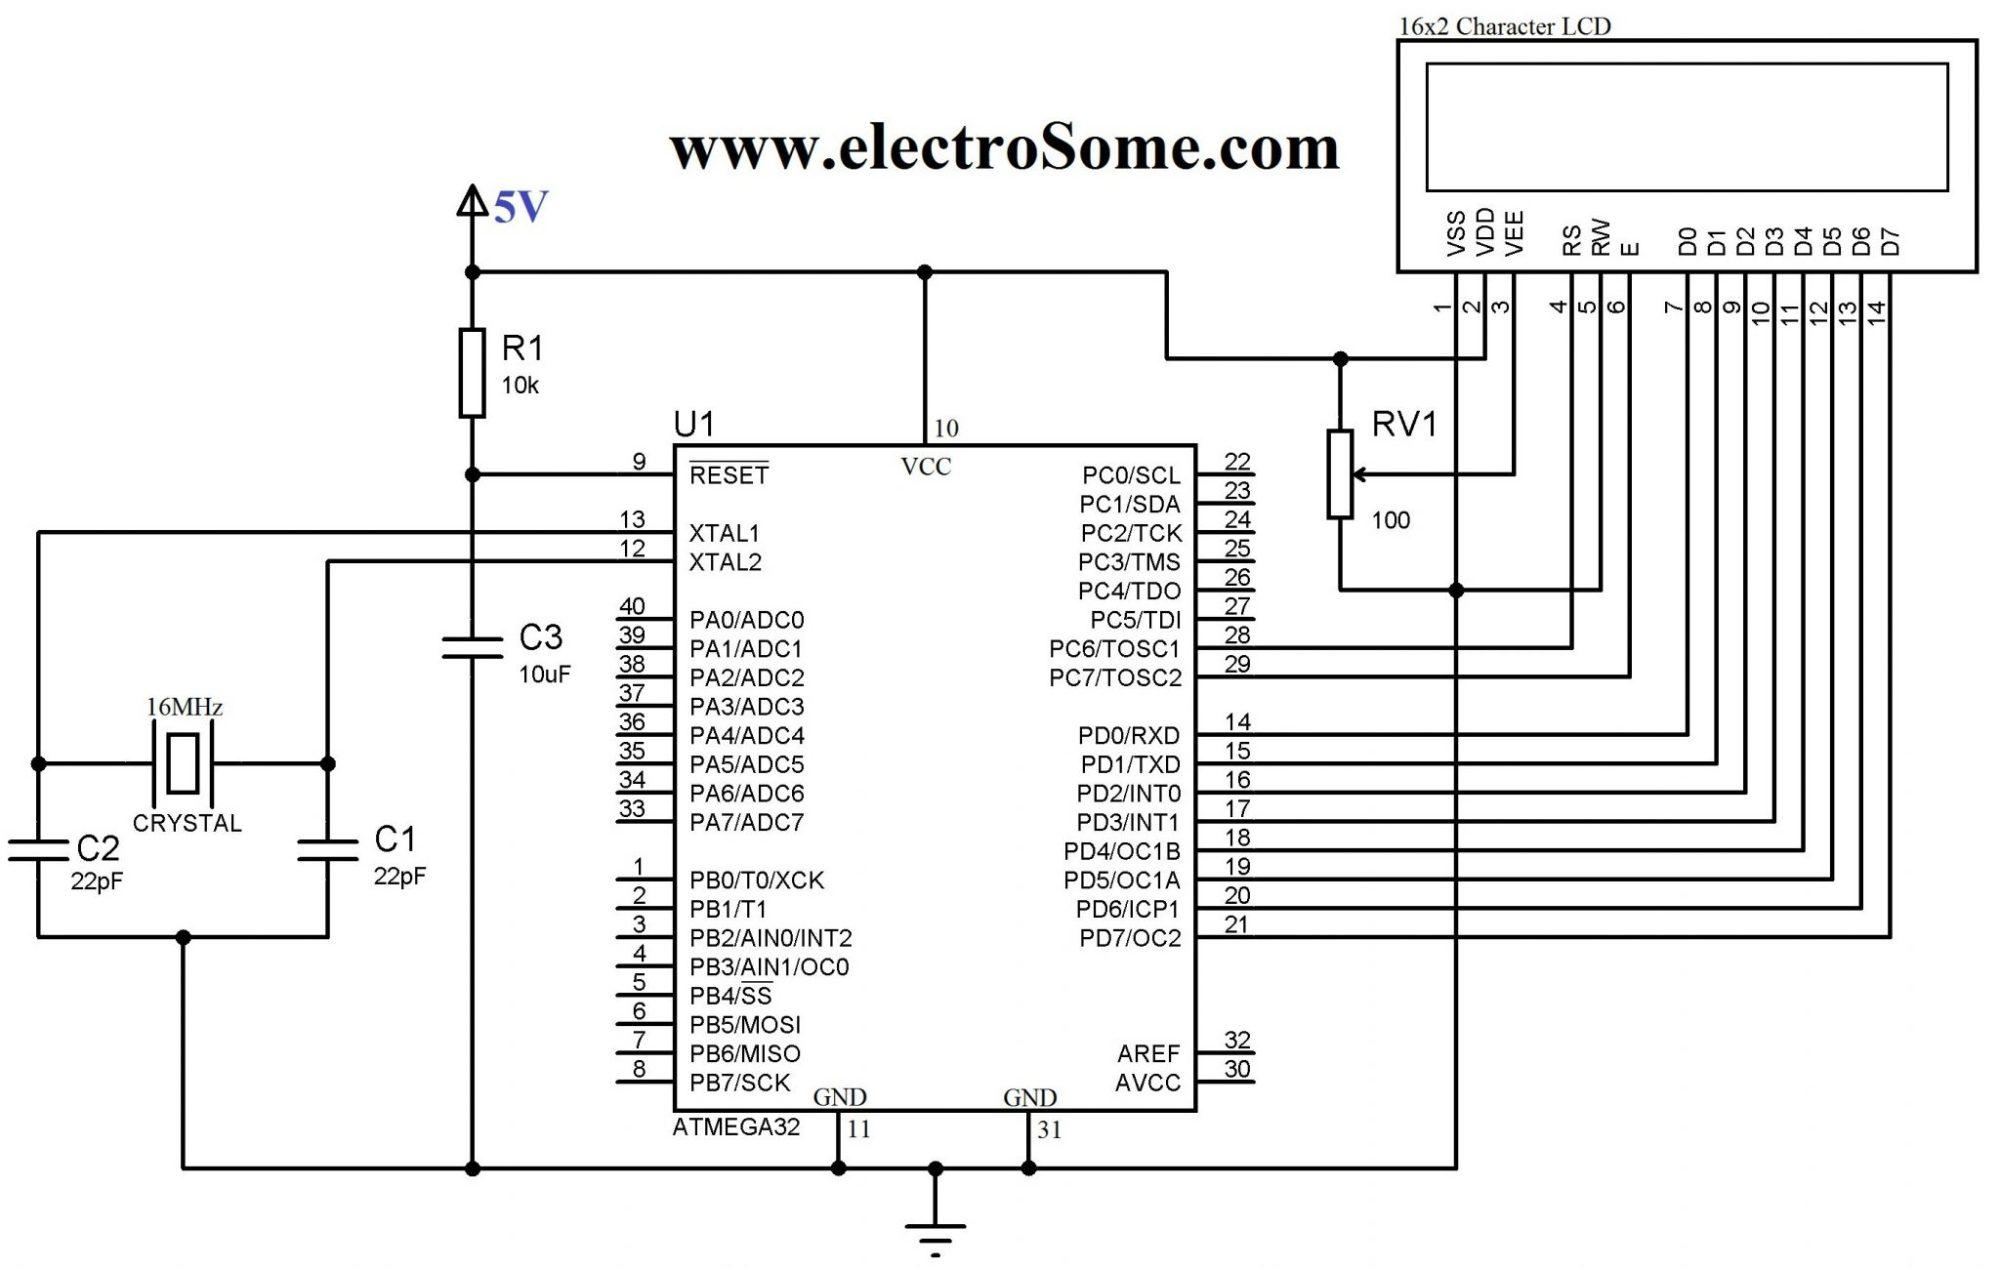 hight resolution of kawasaki lcd wiring diagram data diagram schematiclcd wiring diagram wiring diagram technic kawasaki lcd wiring diagram